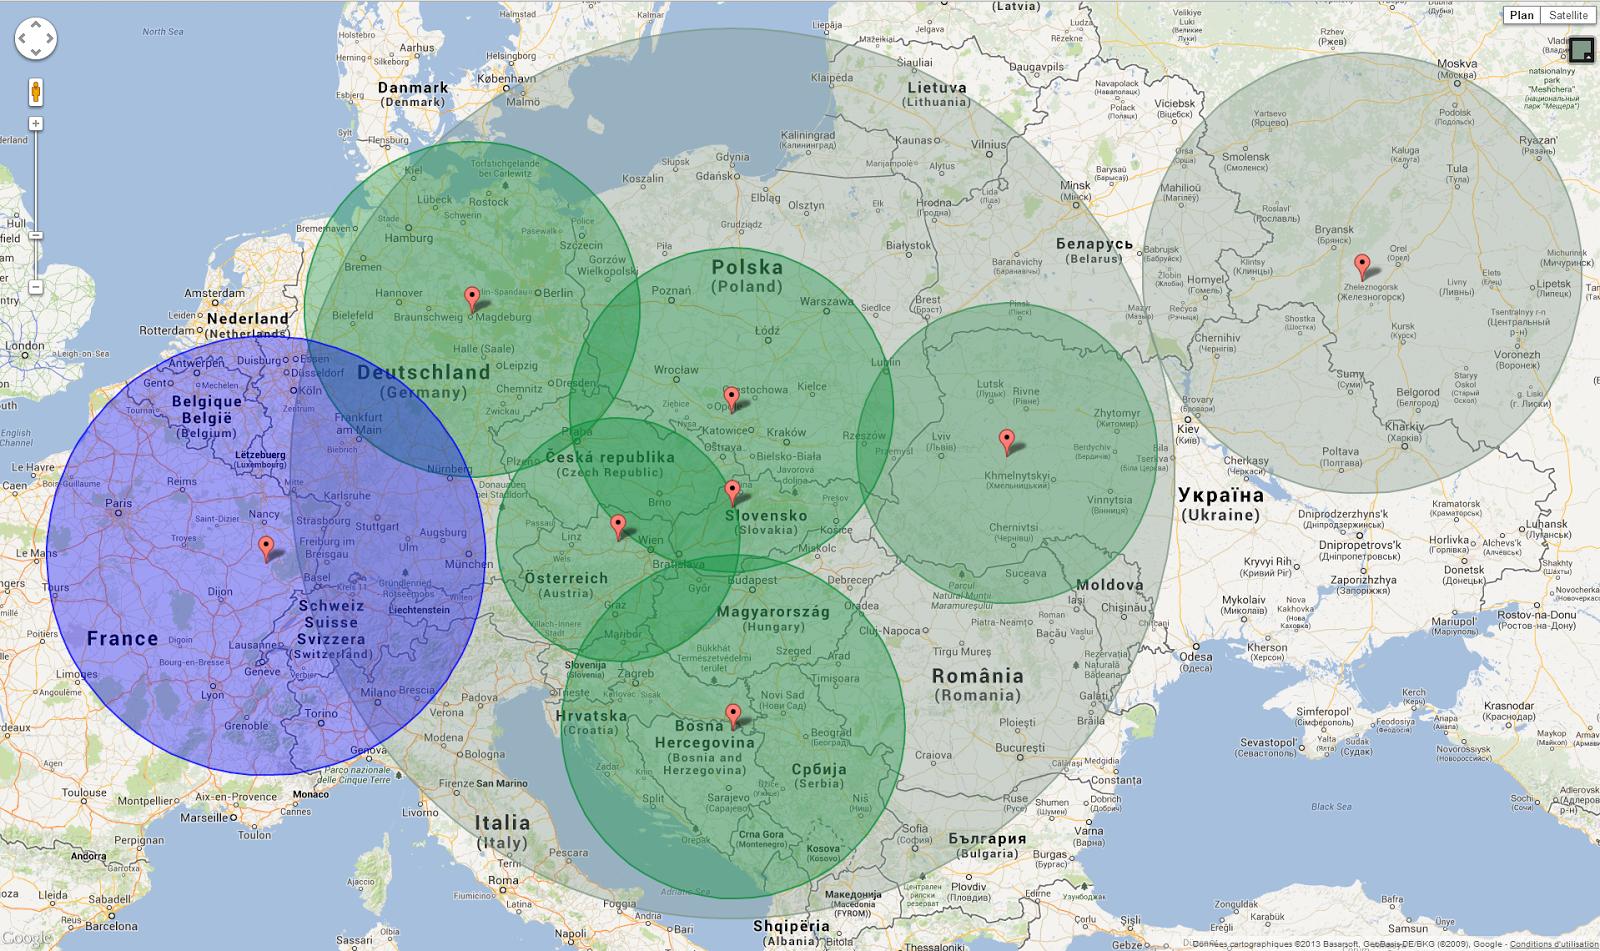 Tutos Google Maps: [Google maps] Créer des cercles de couleur sur on